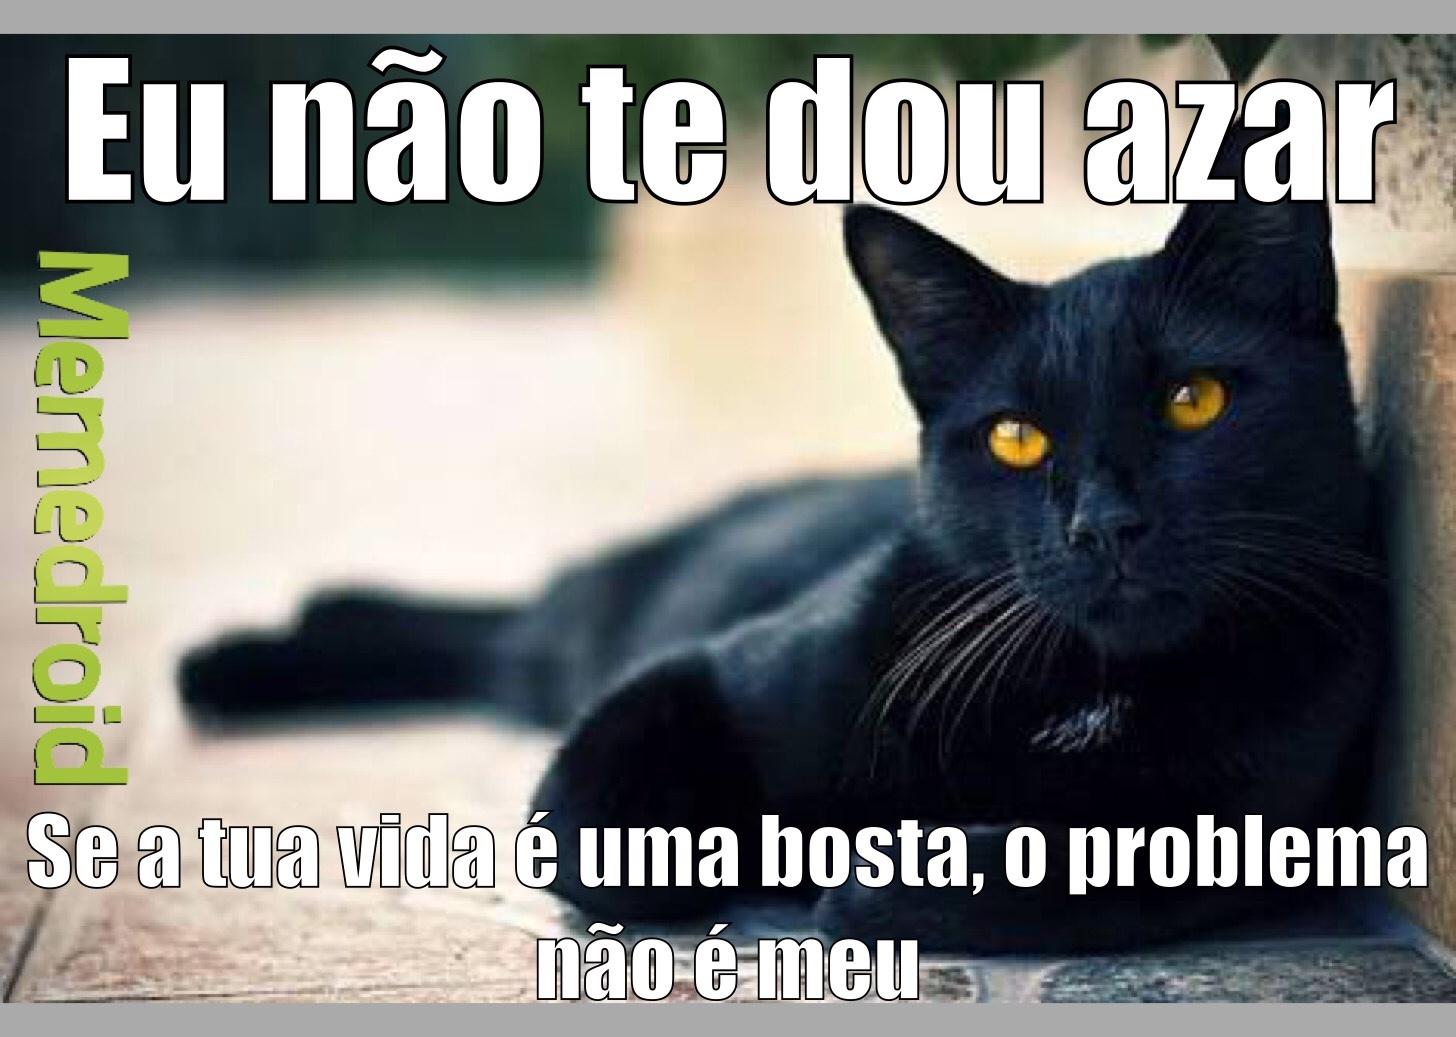 Gato preto, você me dá azar? - meme